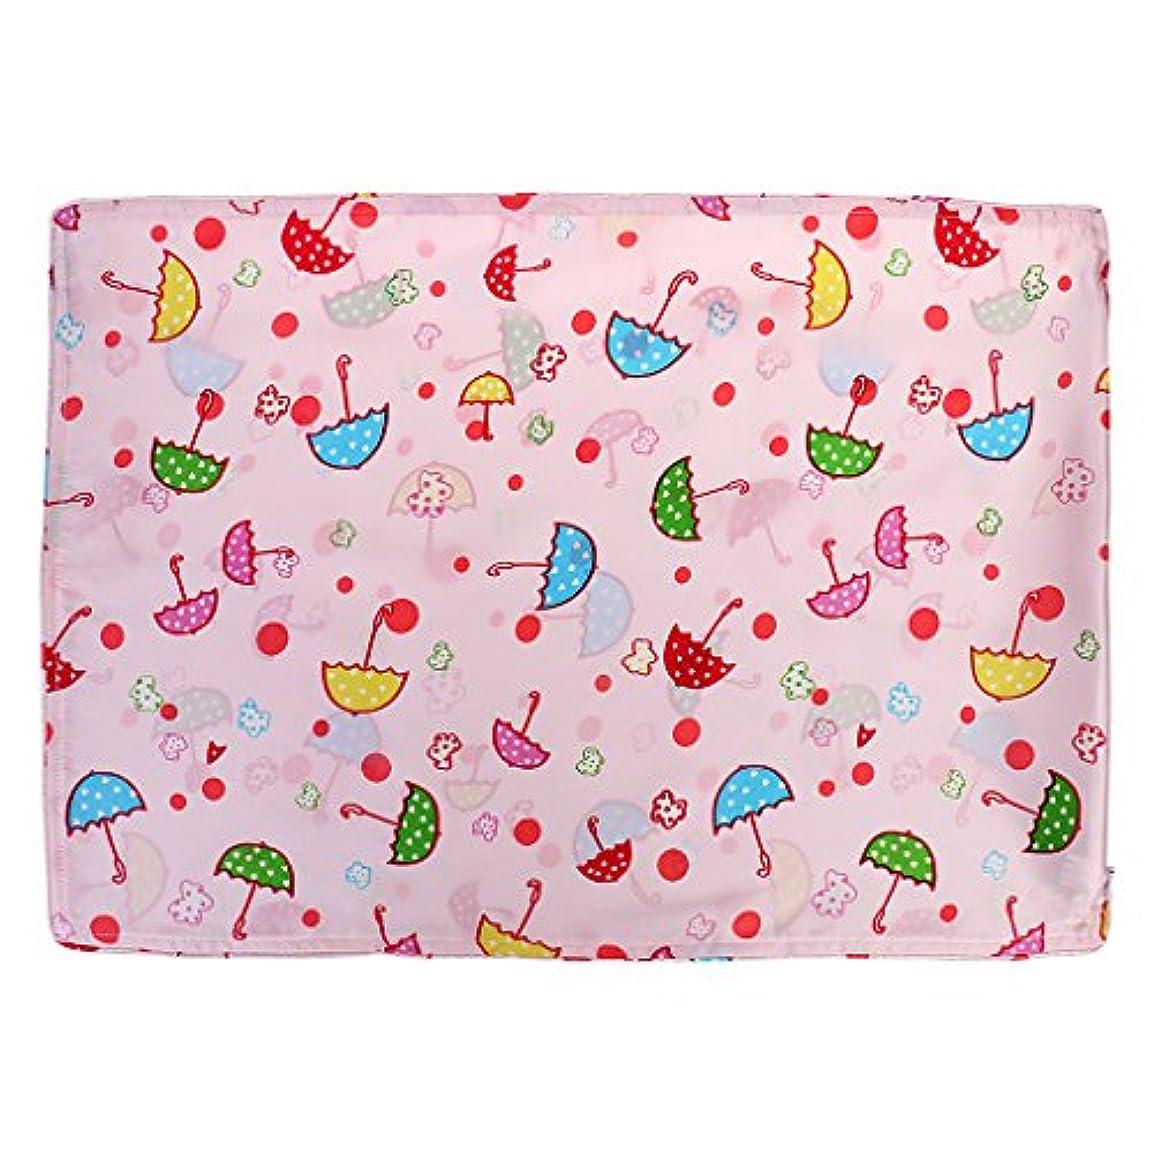 混乱させる遺跡サイドボードかわいいベビーキッズ100%シルクサテン両面枕カバー30 * 55センチメートル傘ピンク